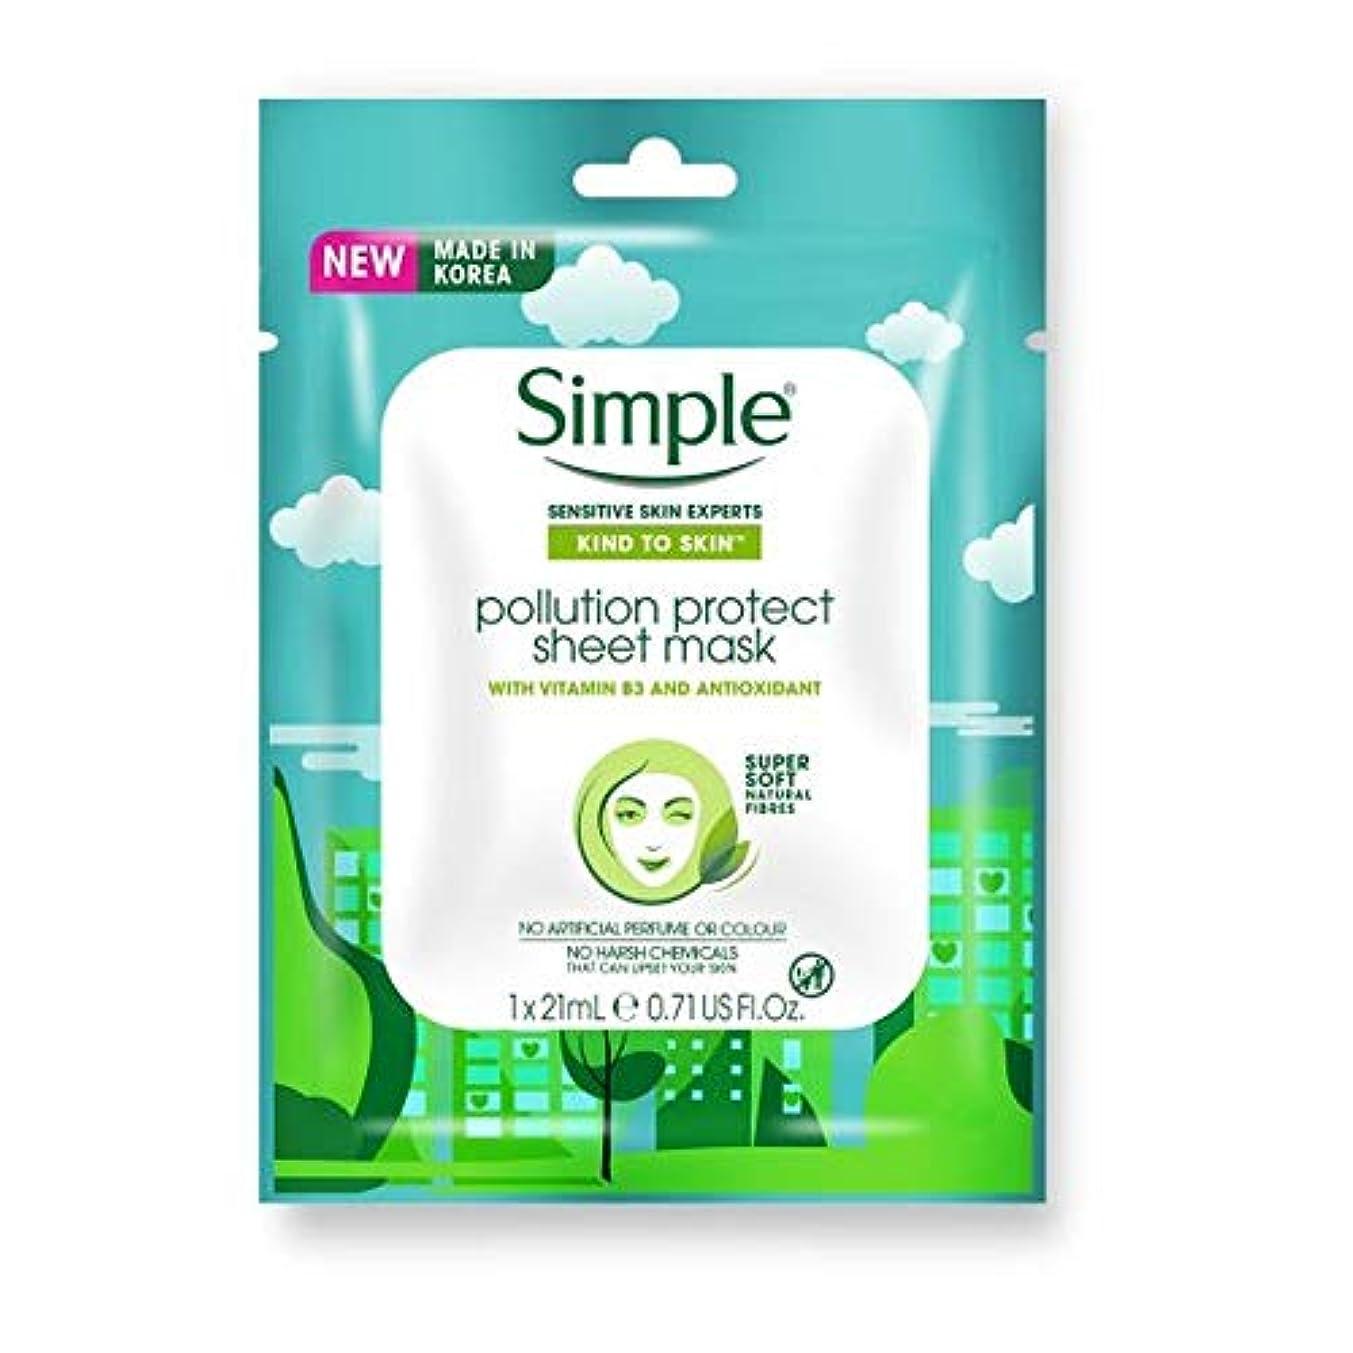 揮発性パターンペースト[Simple] 皮膚汚染への単純な種類のシートマスク21ミリリットルを保護 - Simple Kind To Skin Pollution Protect Sheet Mask 21Ml [並行輸入品]